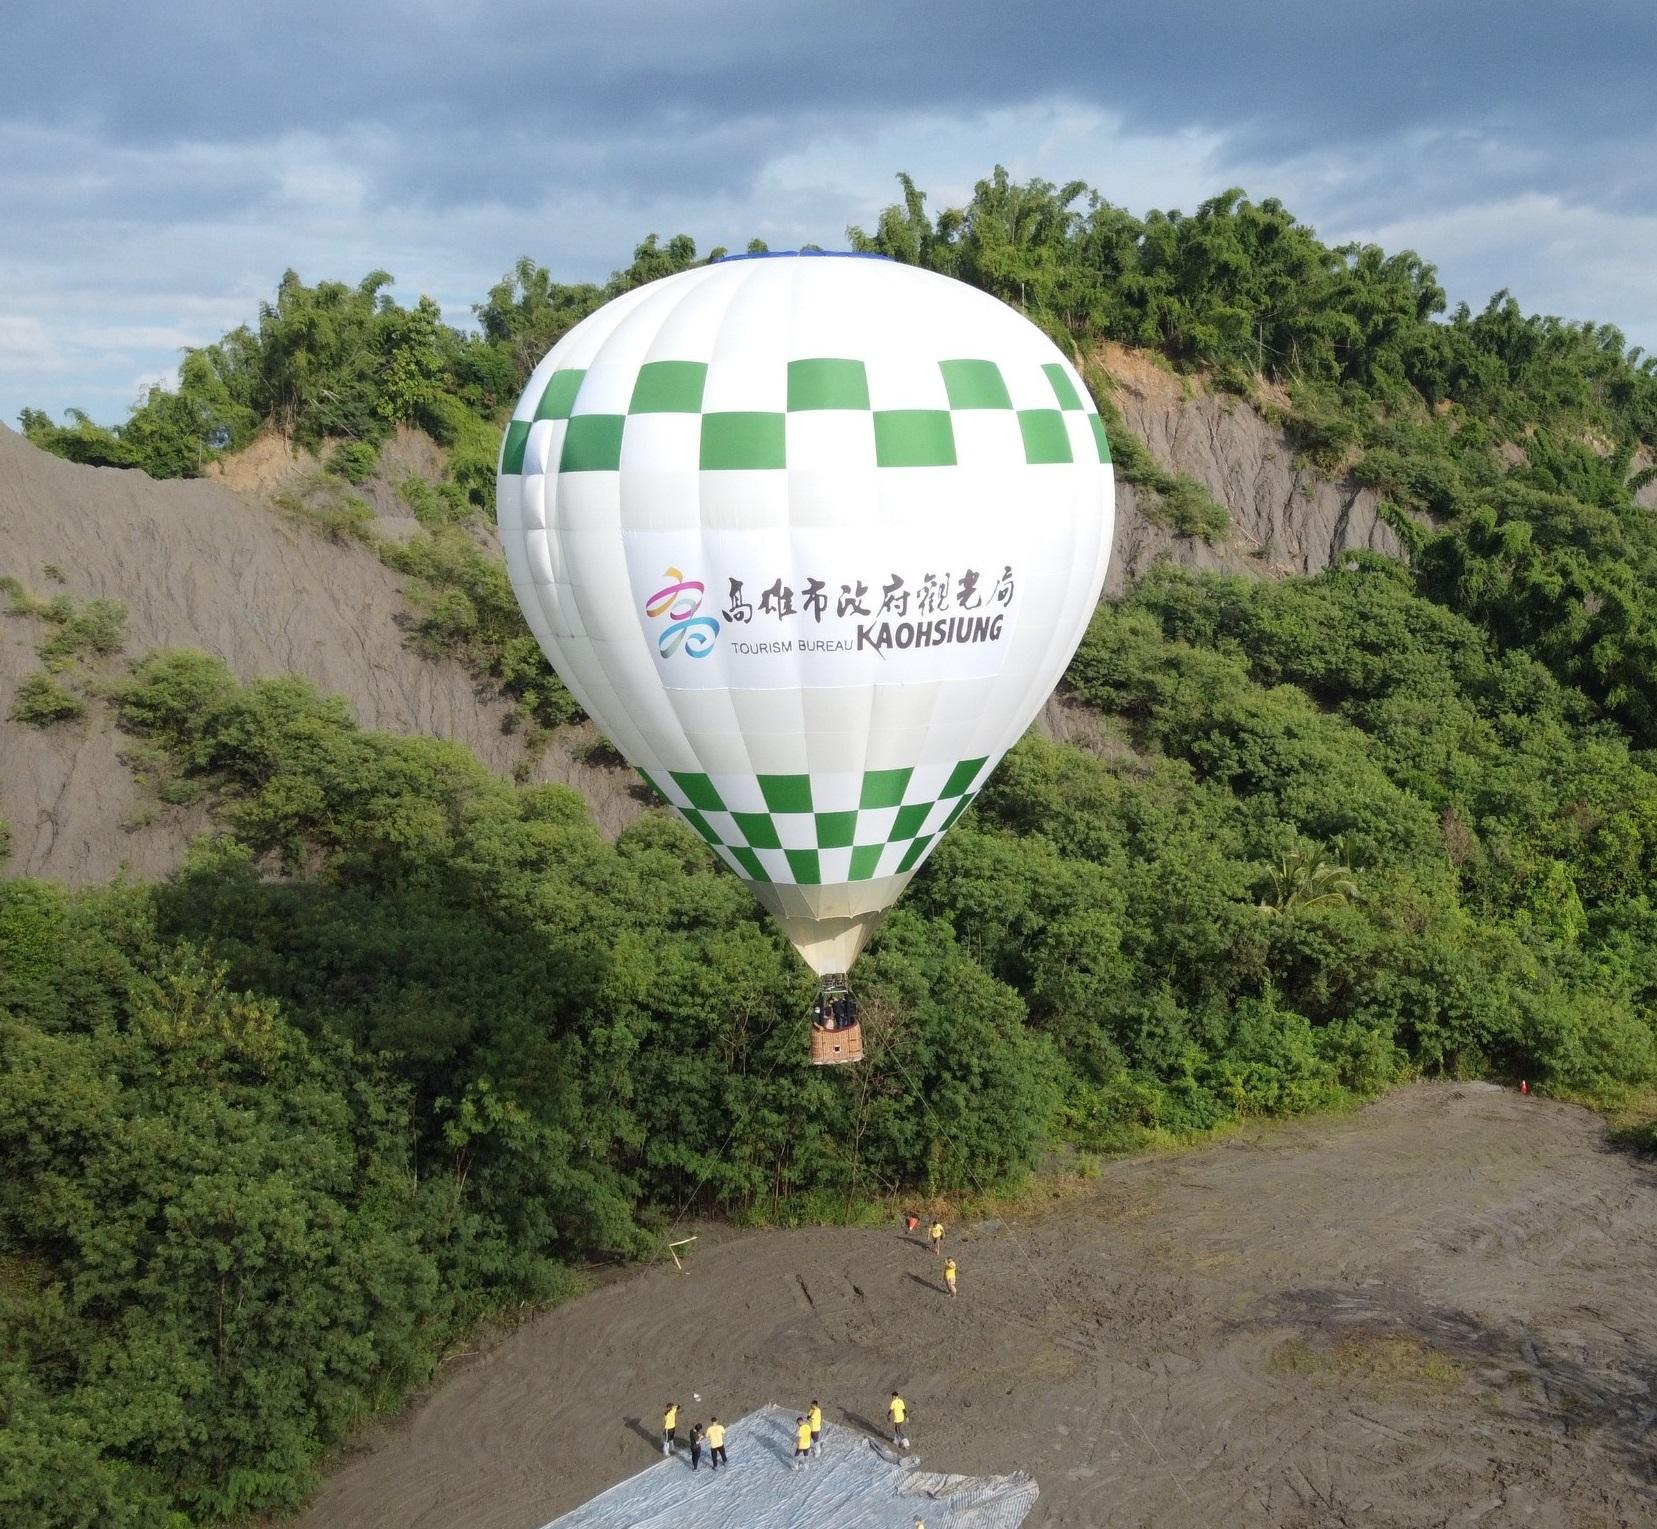 【巴士旅遊】漫步高雄月世界熱氣球 全息動感光影秀2日